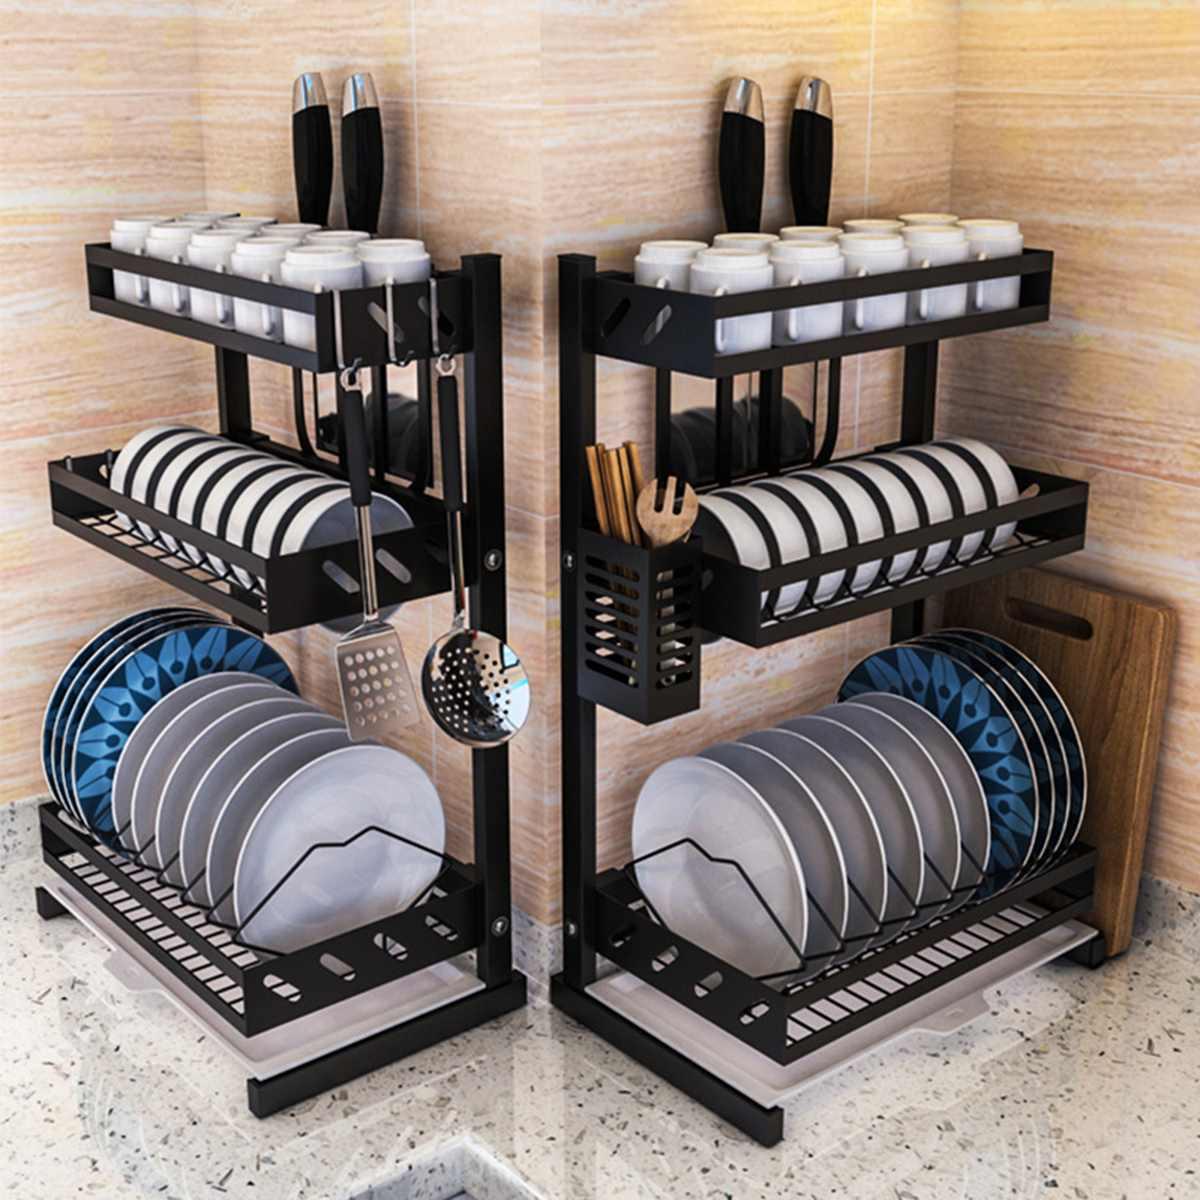 Aço inoxidável cozinha prateleira organizador prato rack de secagem sobre pia utensílios titular tigela prato drenagem prateleira armazenamento da cozinha|Racks e suportes| |  - title=